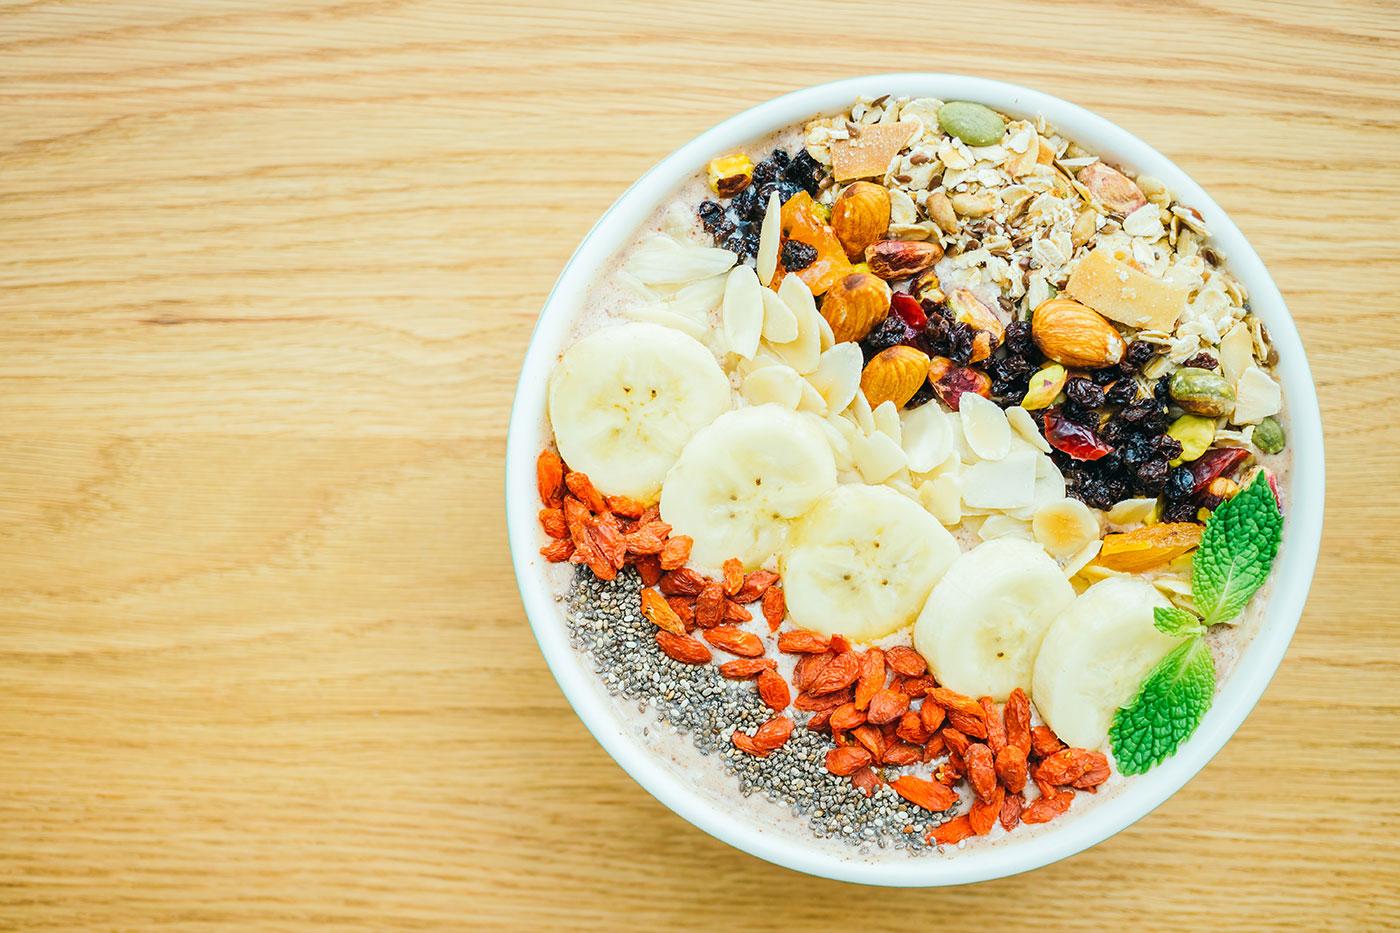 Что есть на завтрак, чтобы похудеть за короткий срок?